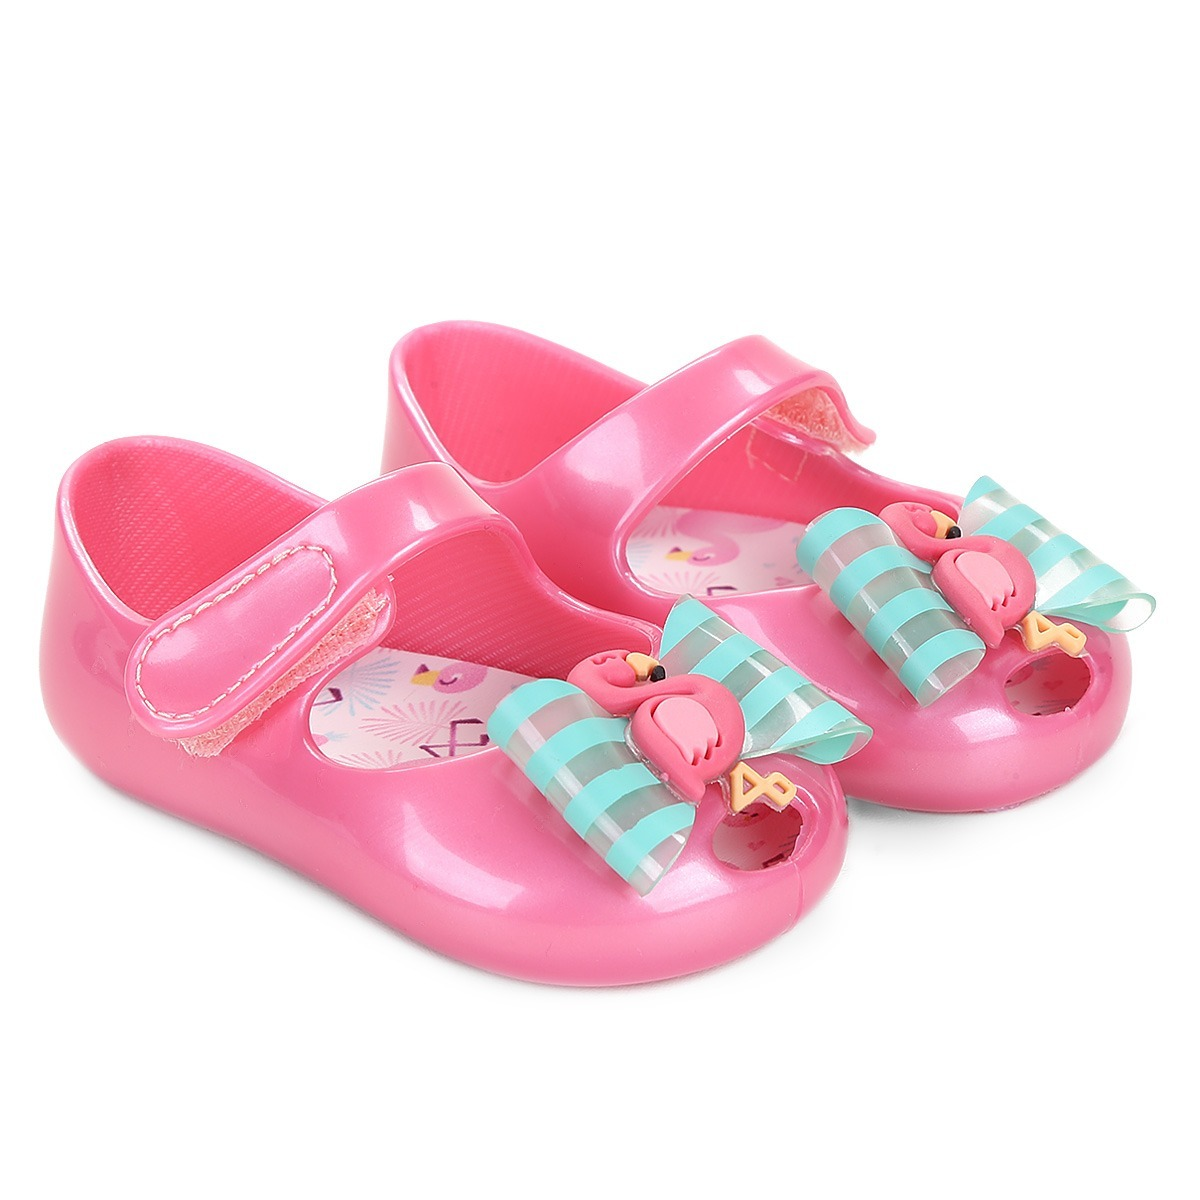 d8606882c sandália pimpolho colorê flamingo- tamanho 02 - meninas. Carregando zoom.